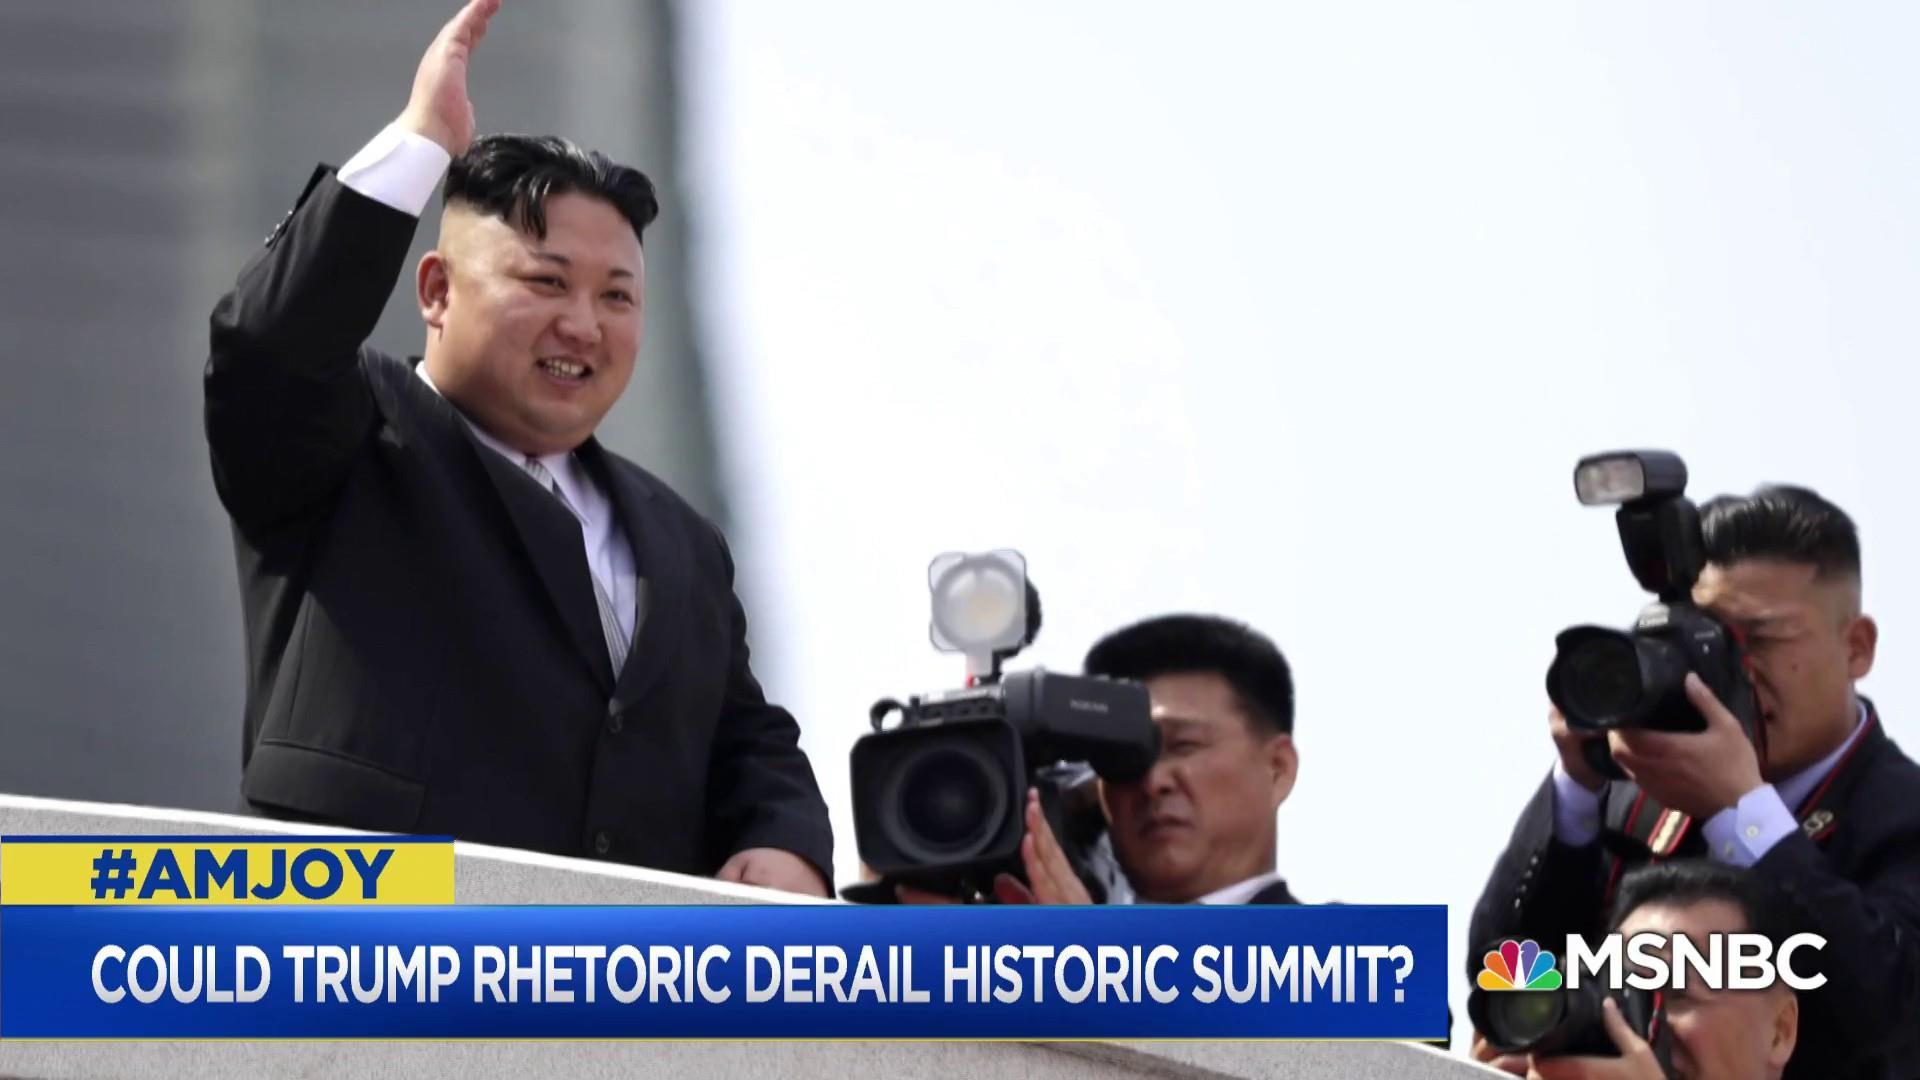 '100% of North Korea's energy is focused on us'